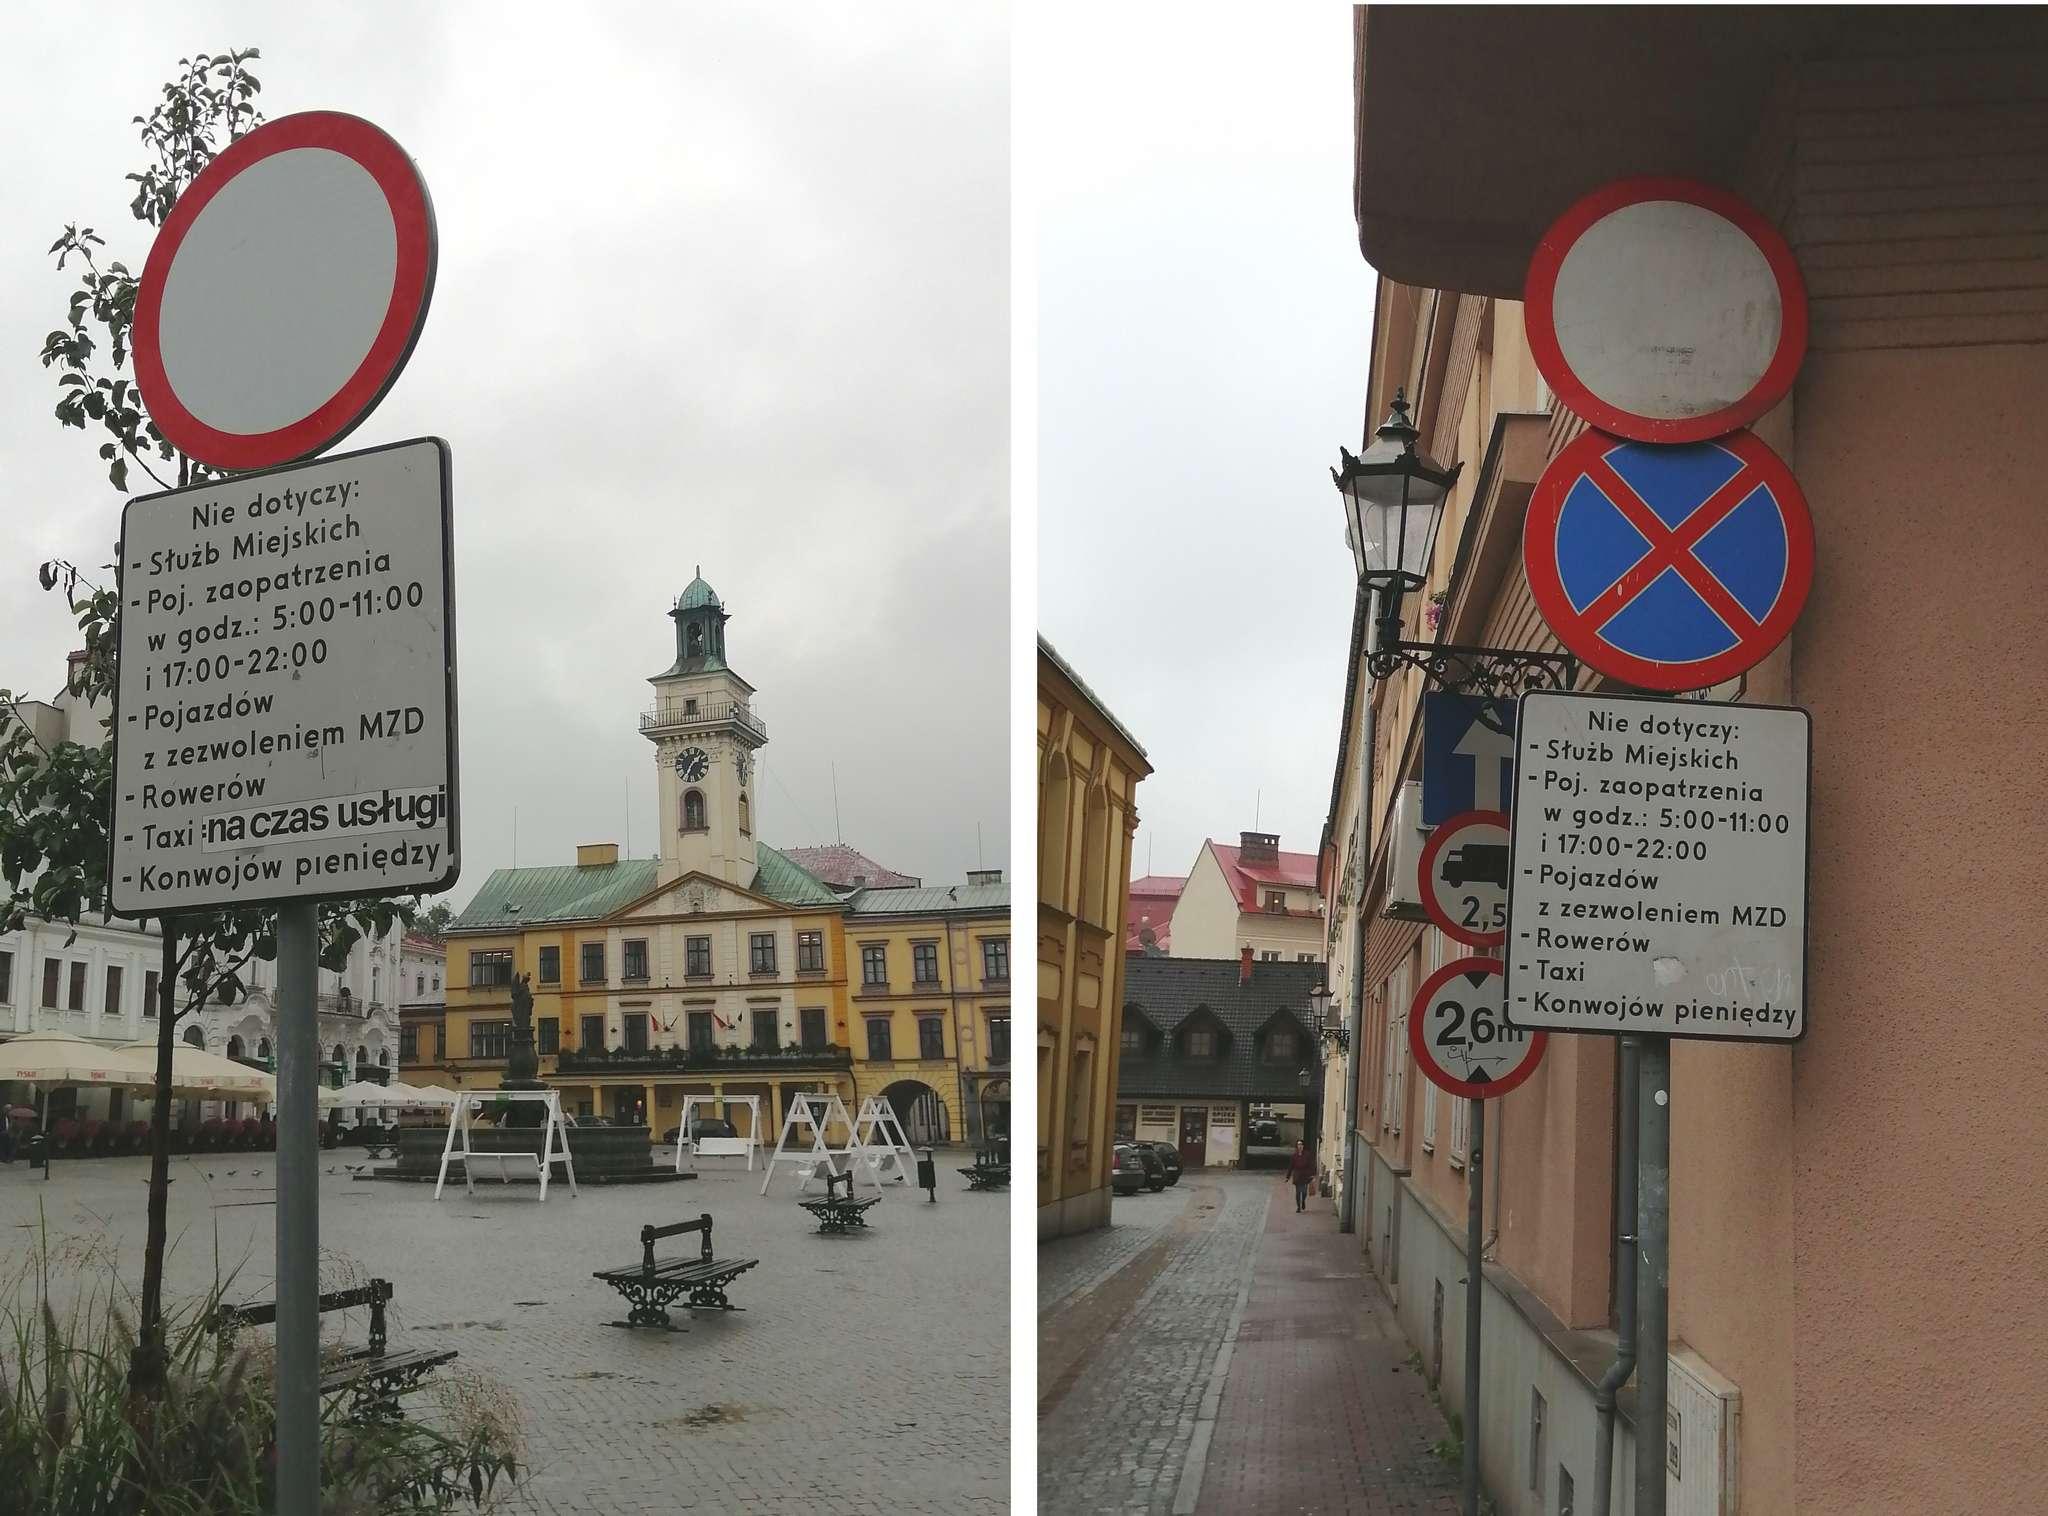 Wyłączenia umieszczone pod znakami zakazu wymagają uważnej lektury. Szczególnie kłopotliwe może to być dla obcojęzycznych rowerzystów.